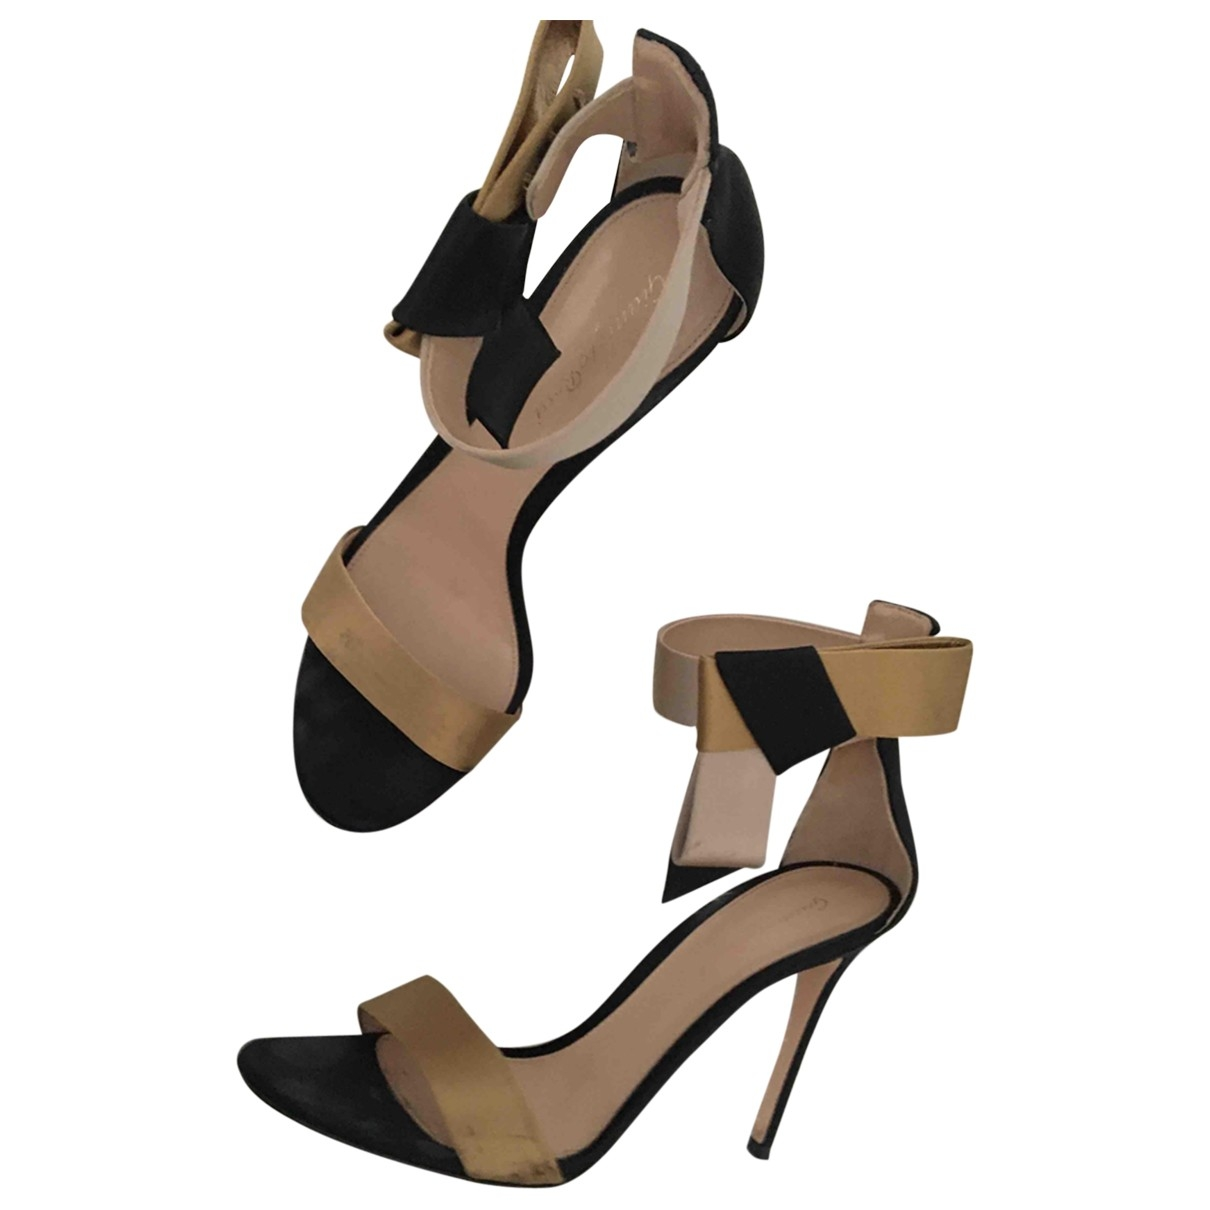 Gianvito Rossi Portofino Gold Leather Sandals for Women 39.5 IT